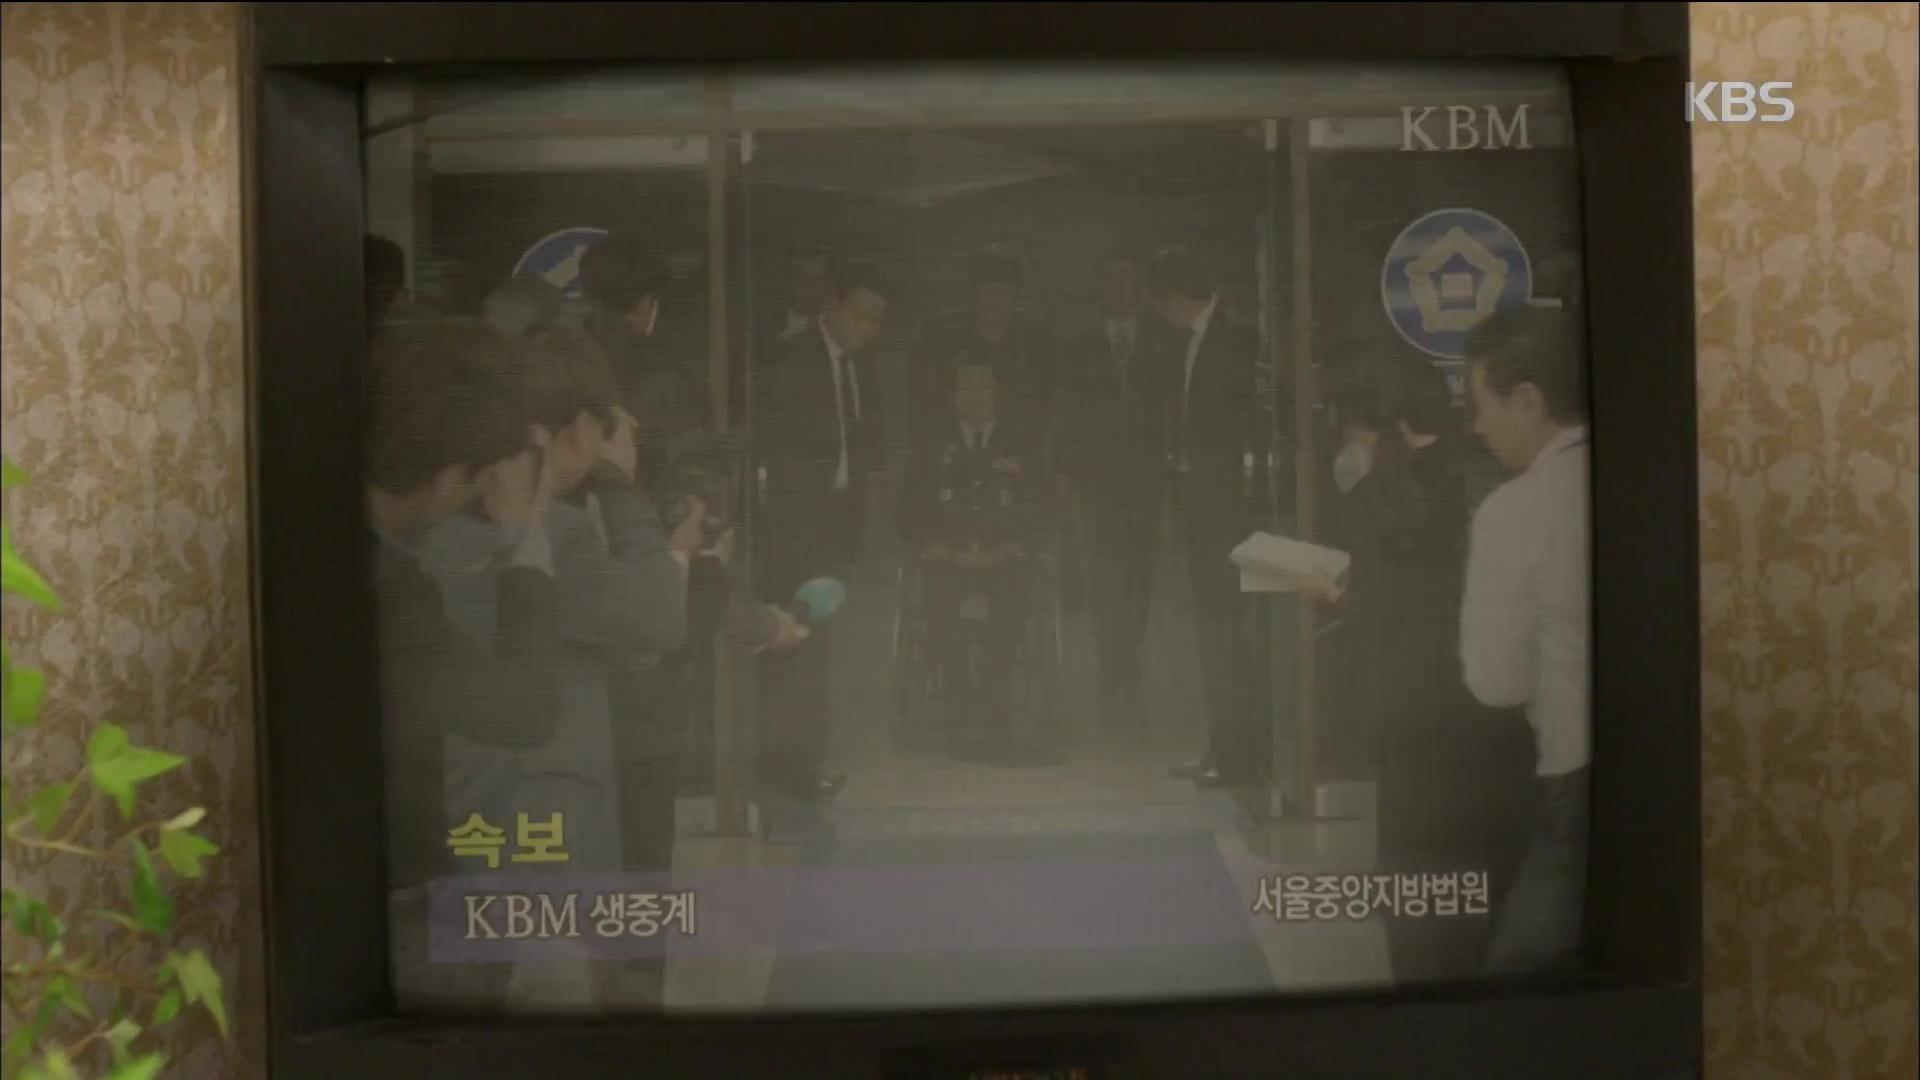 Phim Hàn gây sốc vì đánh thẳng vào nạn tấn công tình dục nữ giới - Ảnh 3.